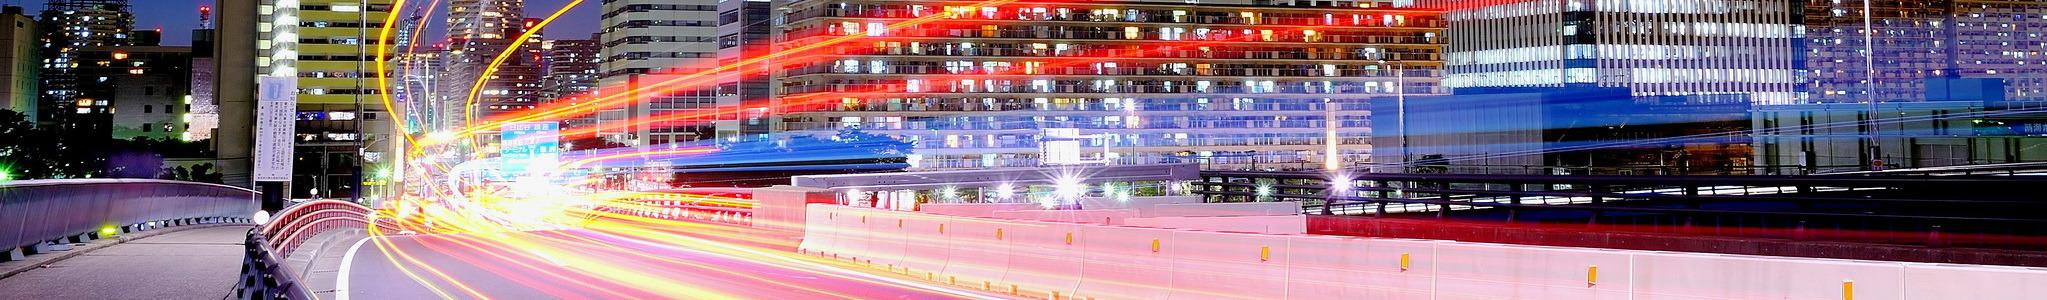 Светофоры cветодиодные транспортные, дорожные обзорные сферические зеркала